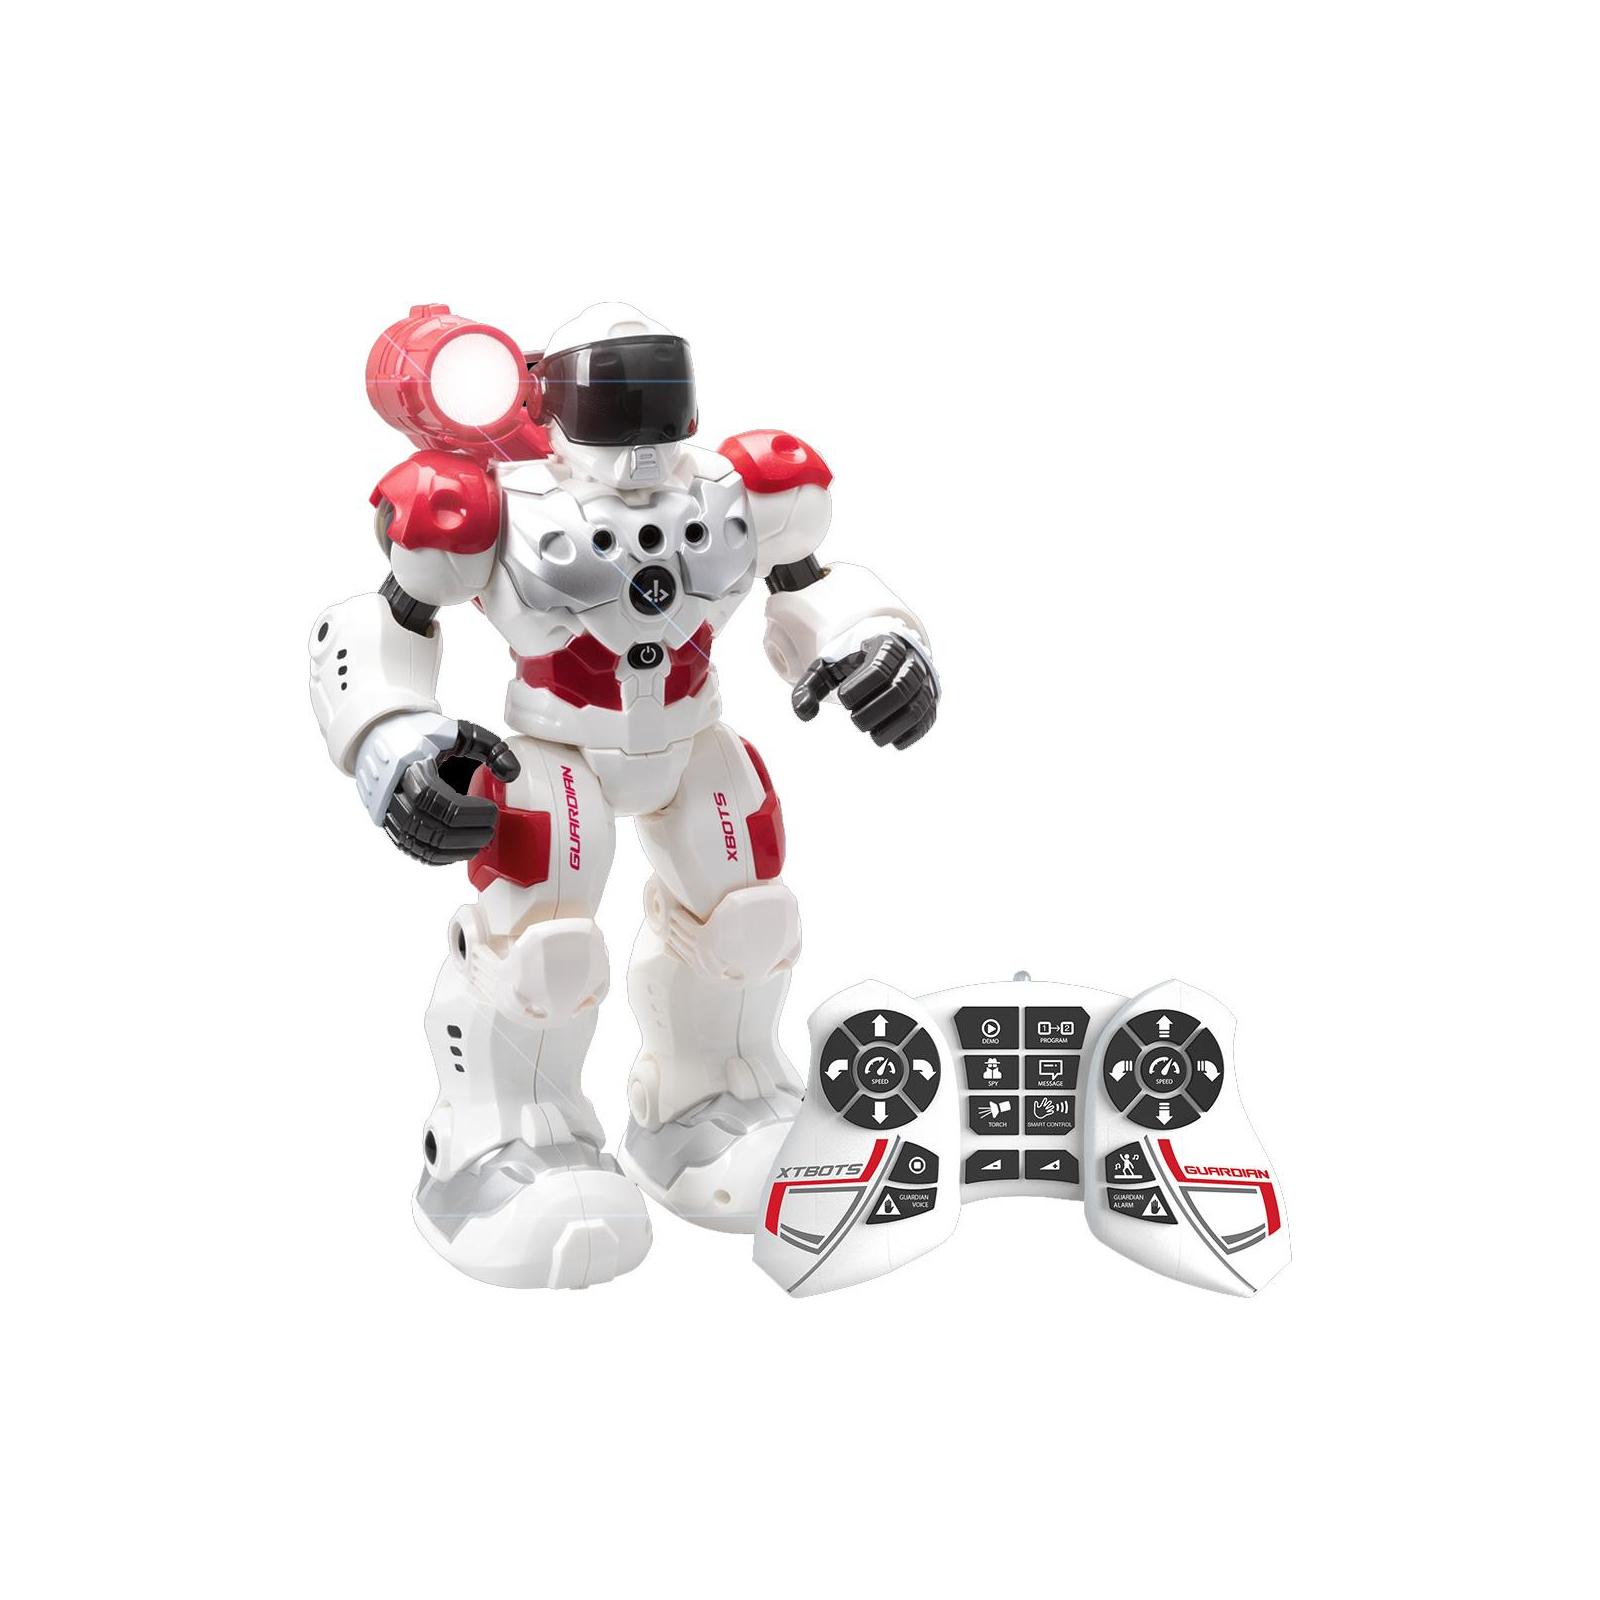 Интерактивная игрушка Blue Rocket робот Защитник (XT380771)